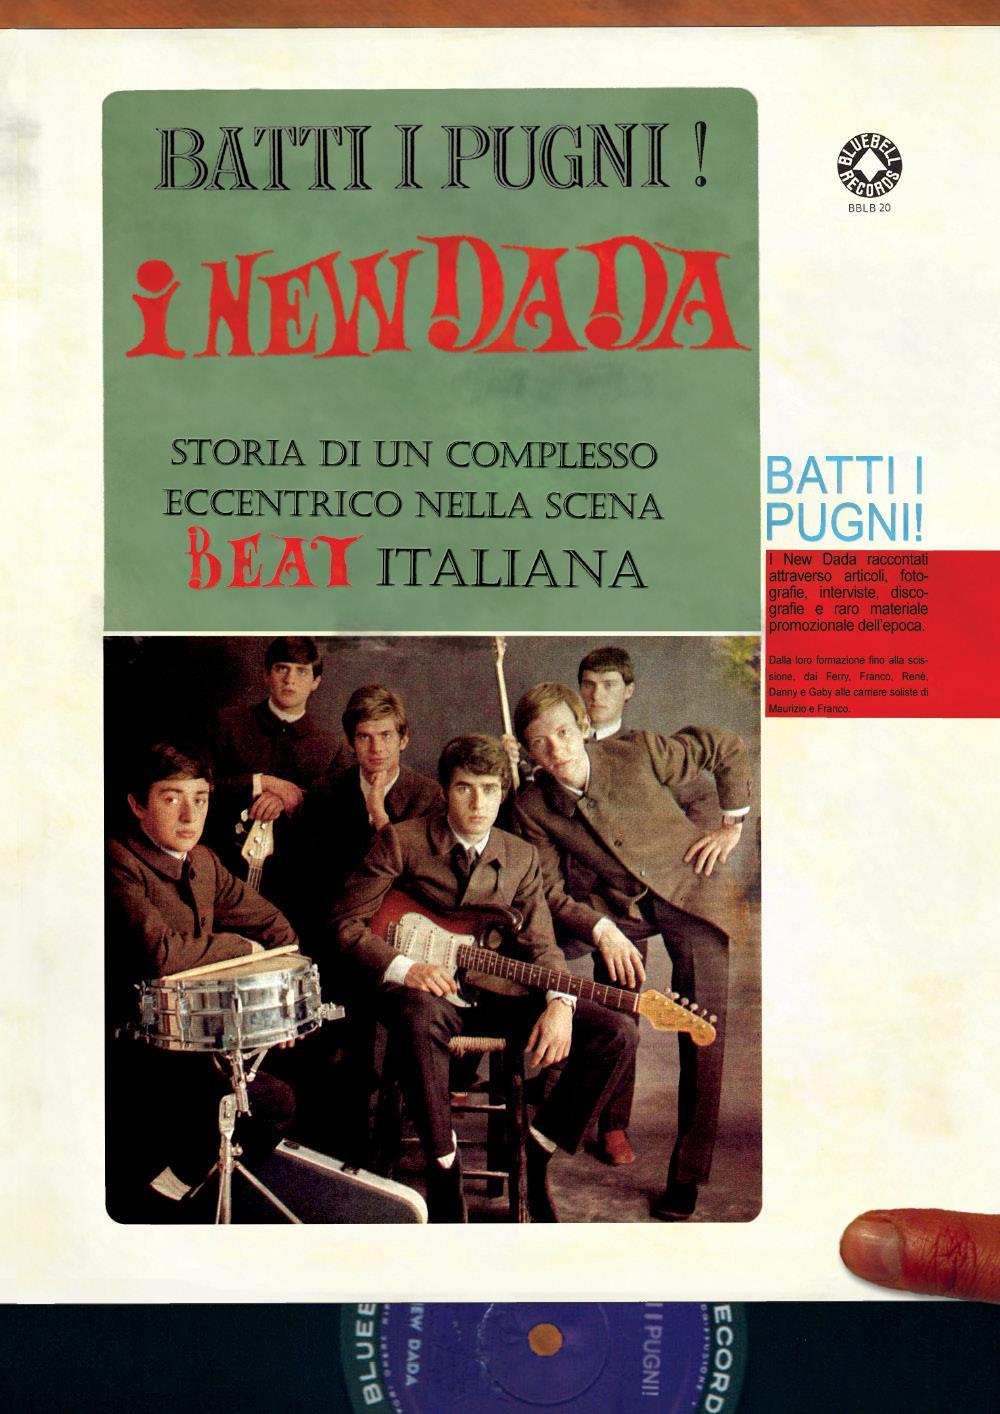 Batti i pugni! I New Dada - Storia di un complesso eccentrico nella scena beat italiana